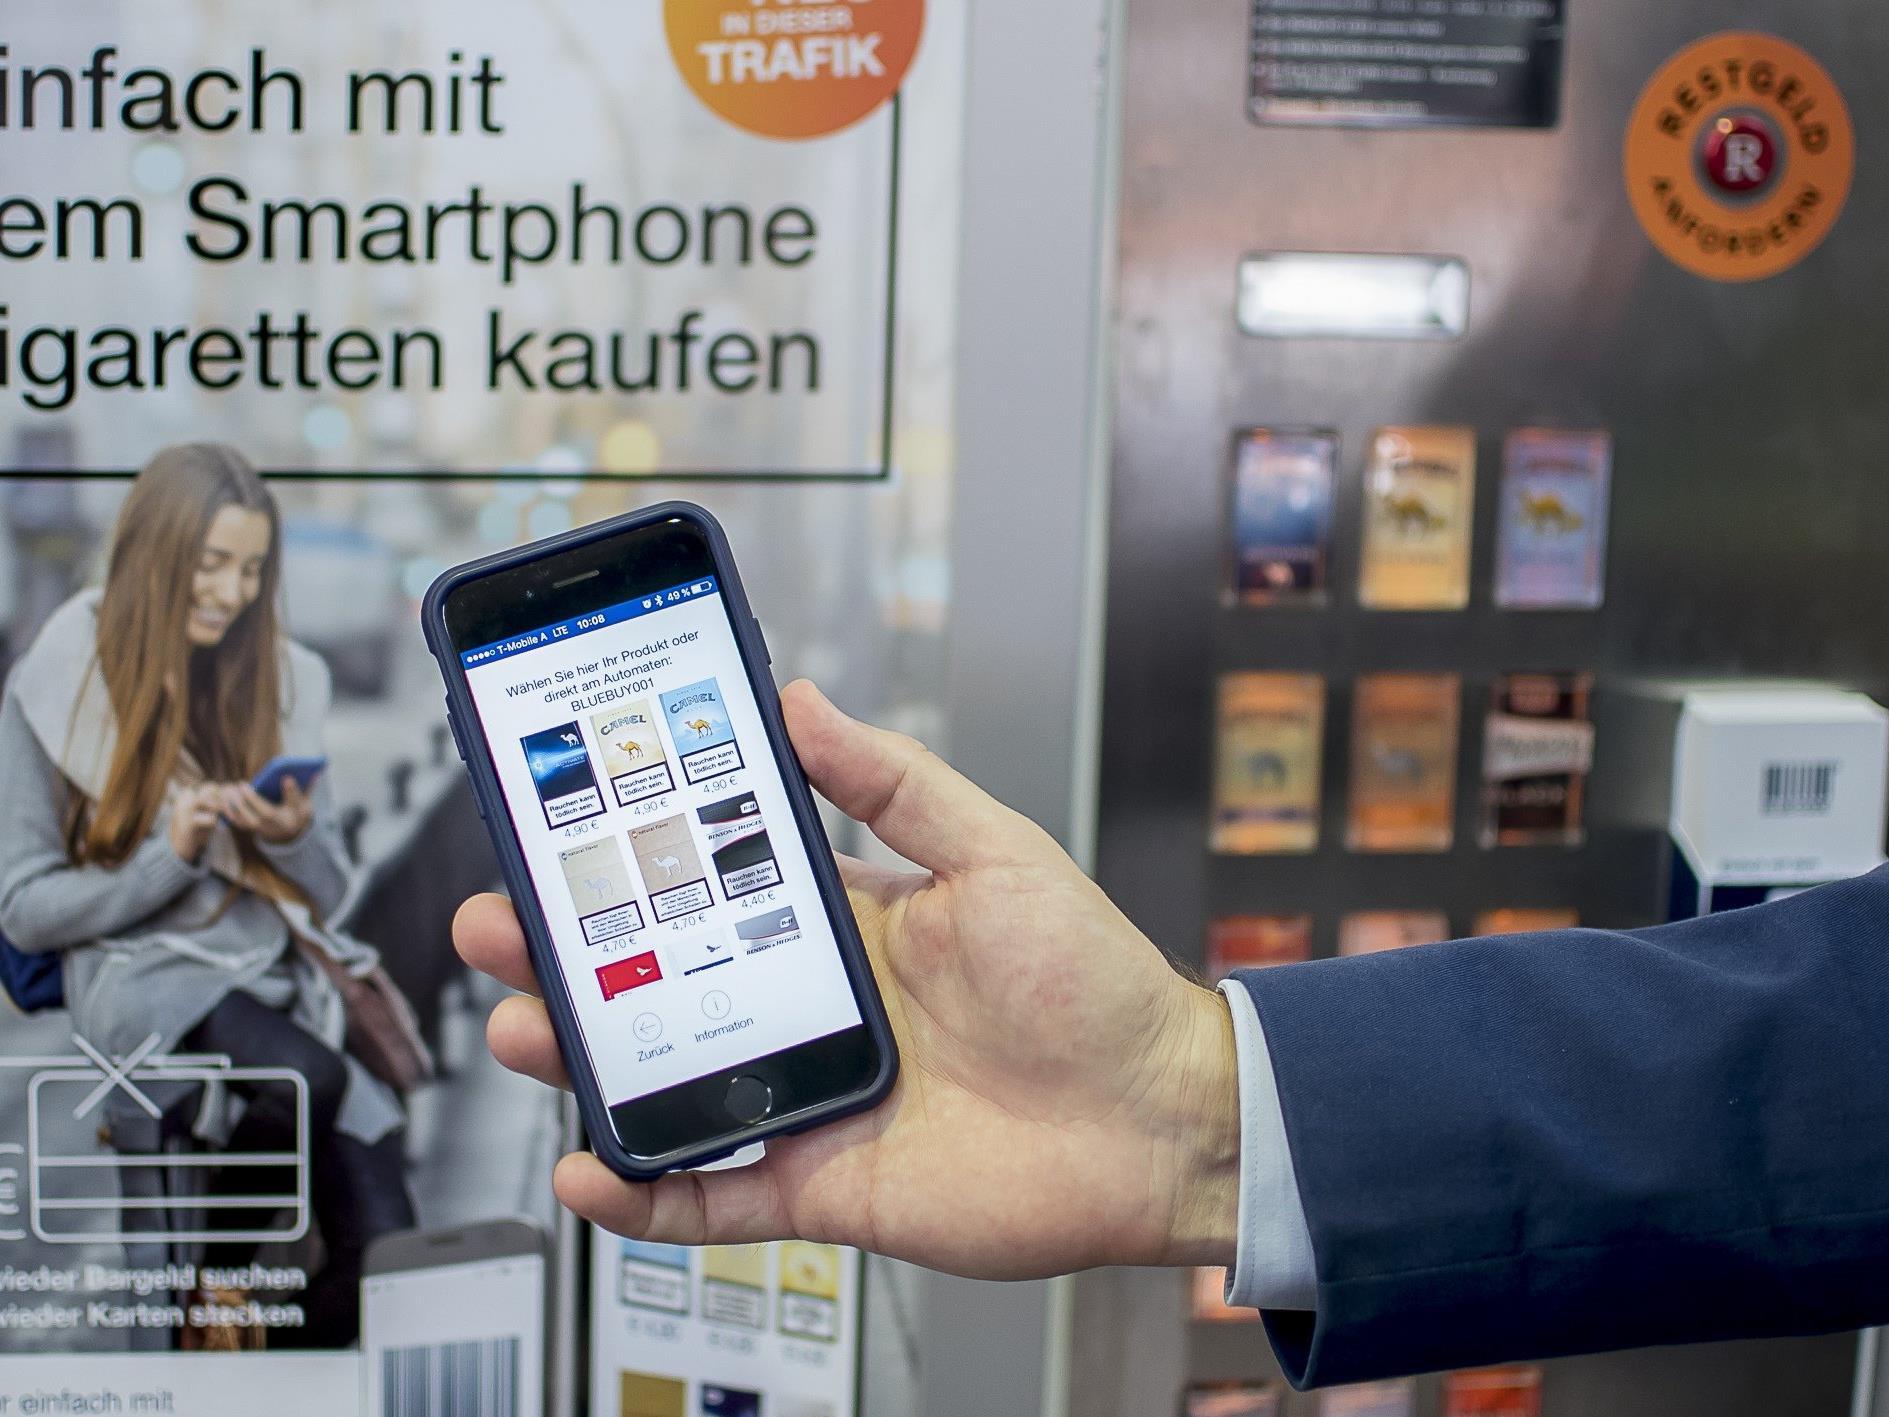 Raucher haben mit der App bald kein Wechselgeldproblem mehr.